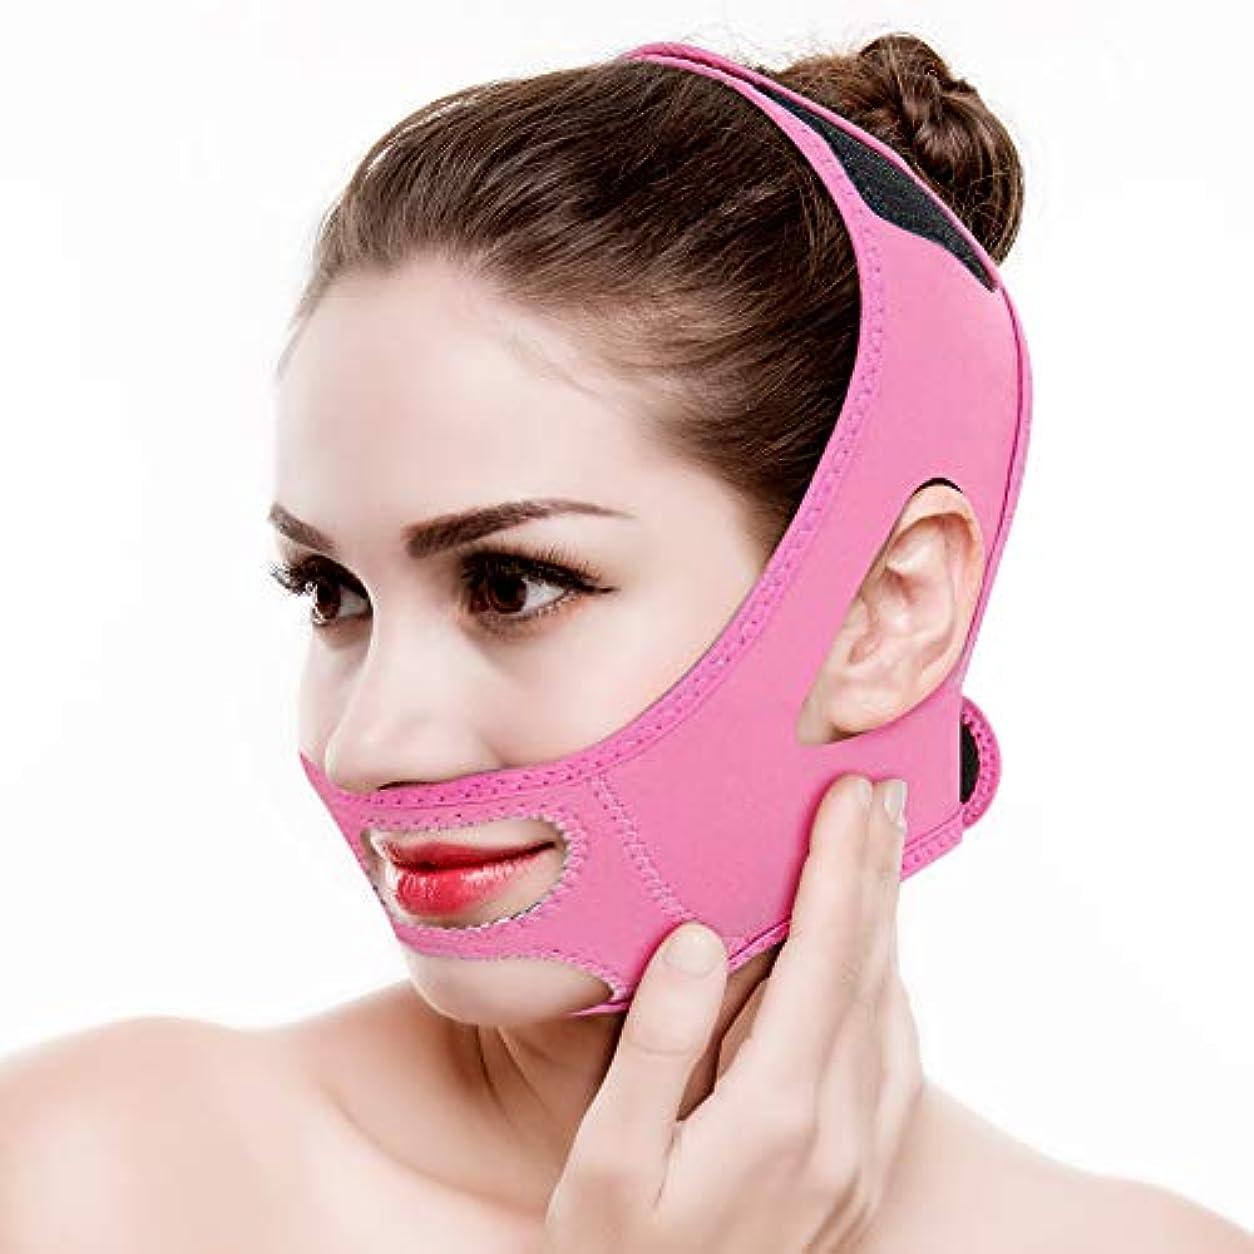 教育者外科医増幅器フェイスリフティングベルト,顔の痩身包帯フェイシャルスリミング包帯ベルトマスクフェイスリフトダブルチンスキンストラップフェイススリミング包帯小 顔 美顔 矯正、顎リフト フェイススリミングマスク (Pink)